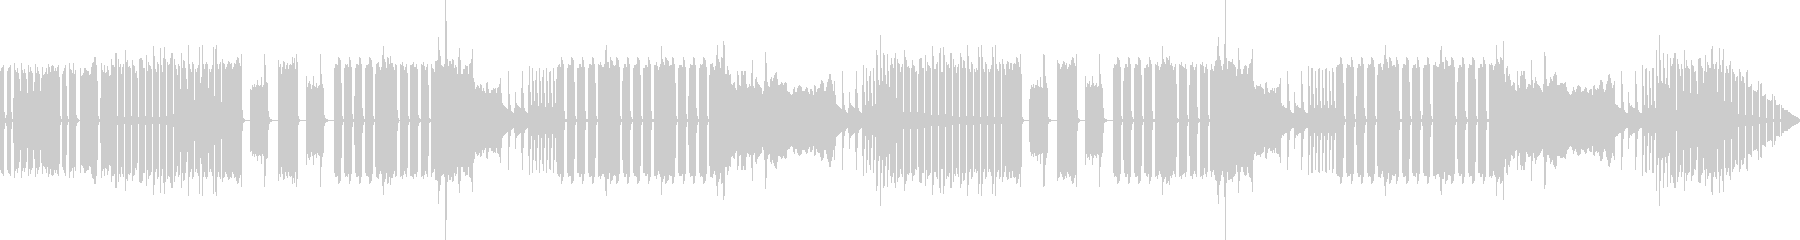 ヘンテコでおかしな雰囲気のBGMの未再生の波形